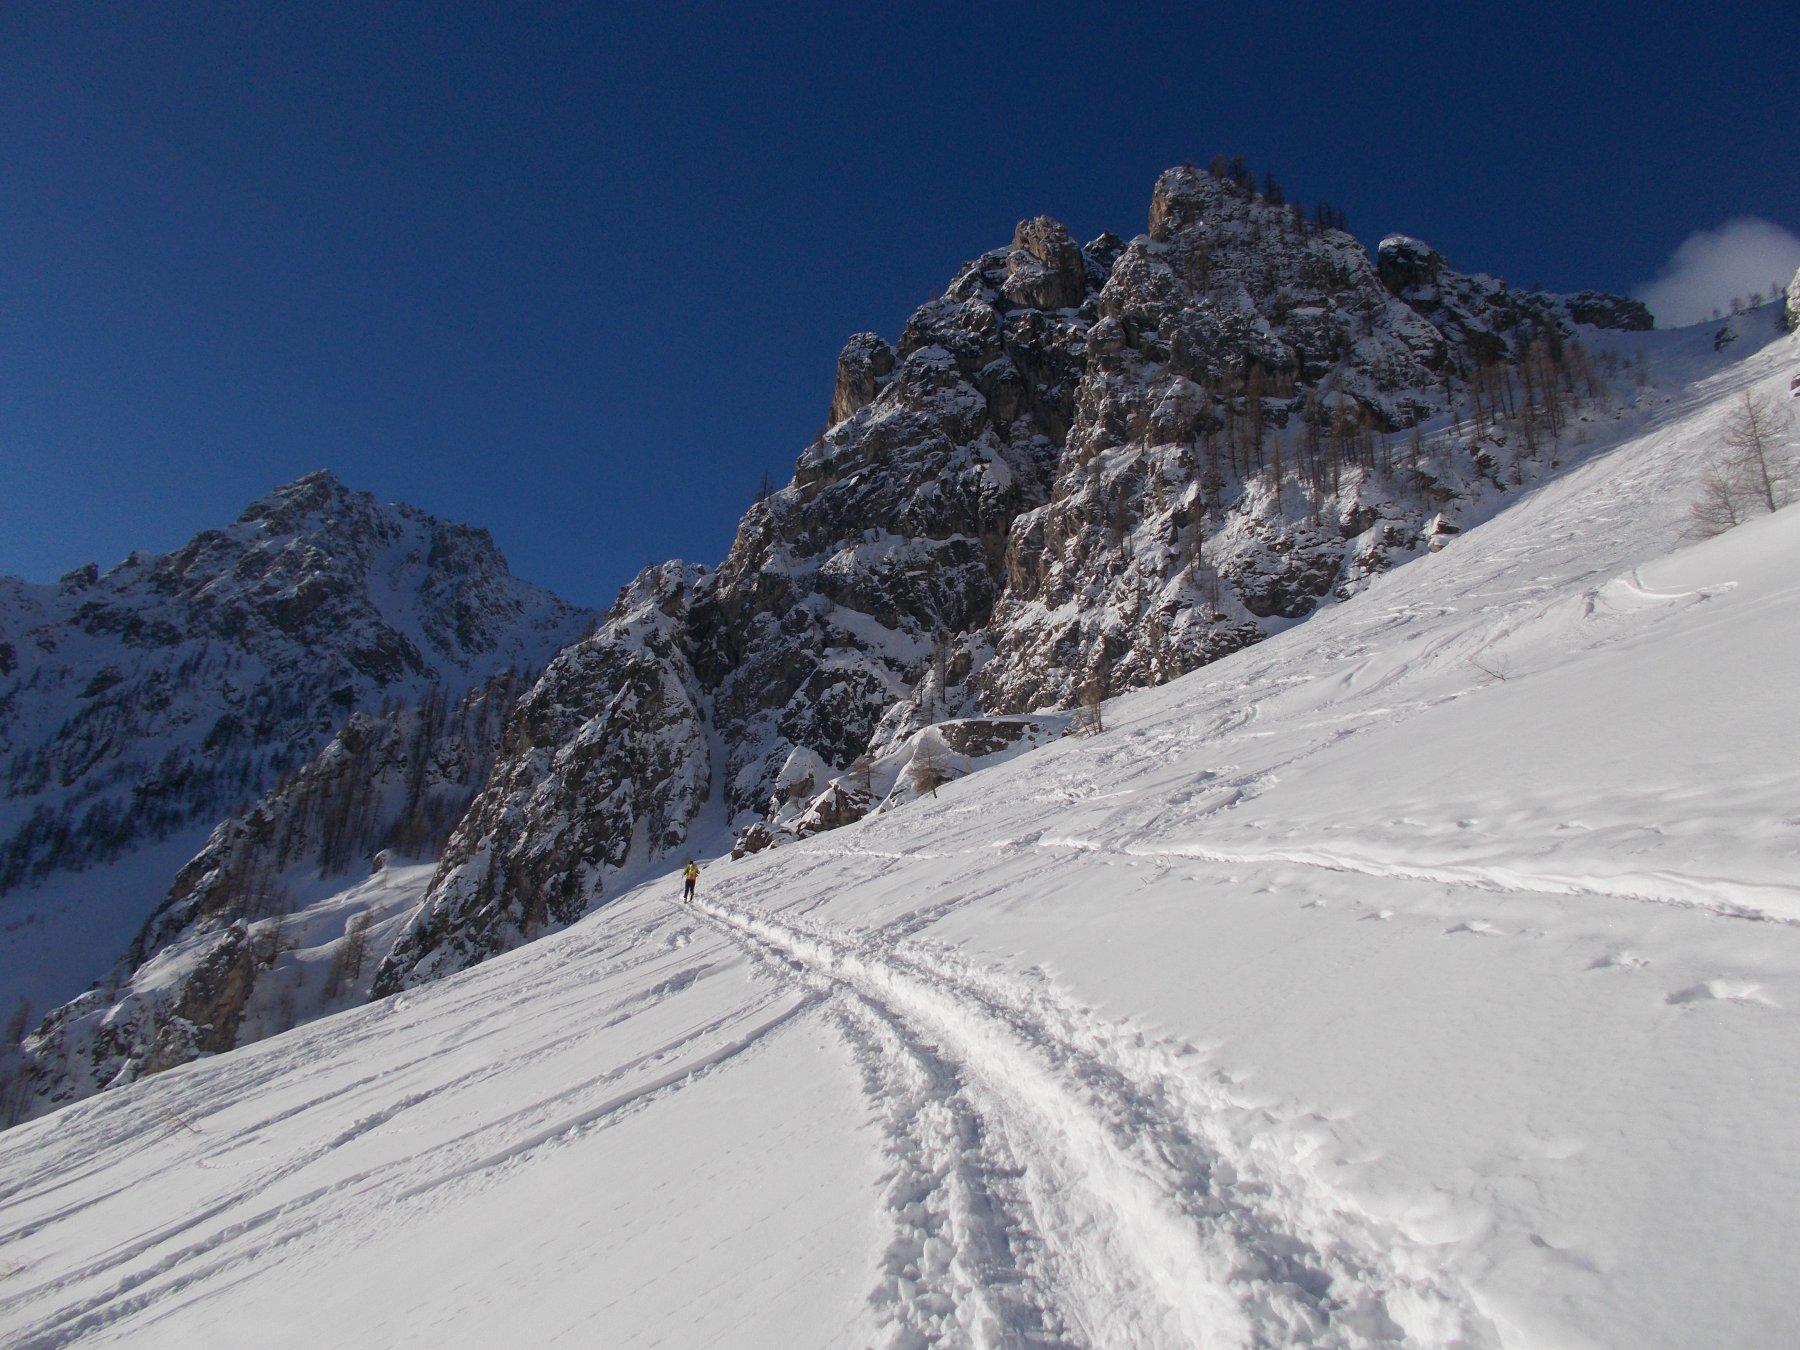 seguendo una bella traccia di sci e ciaspole assieme..